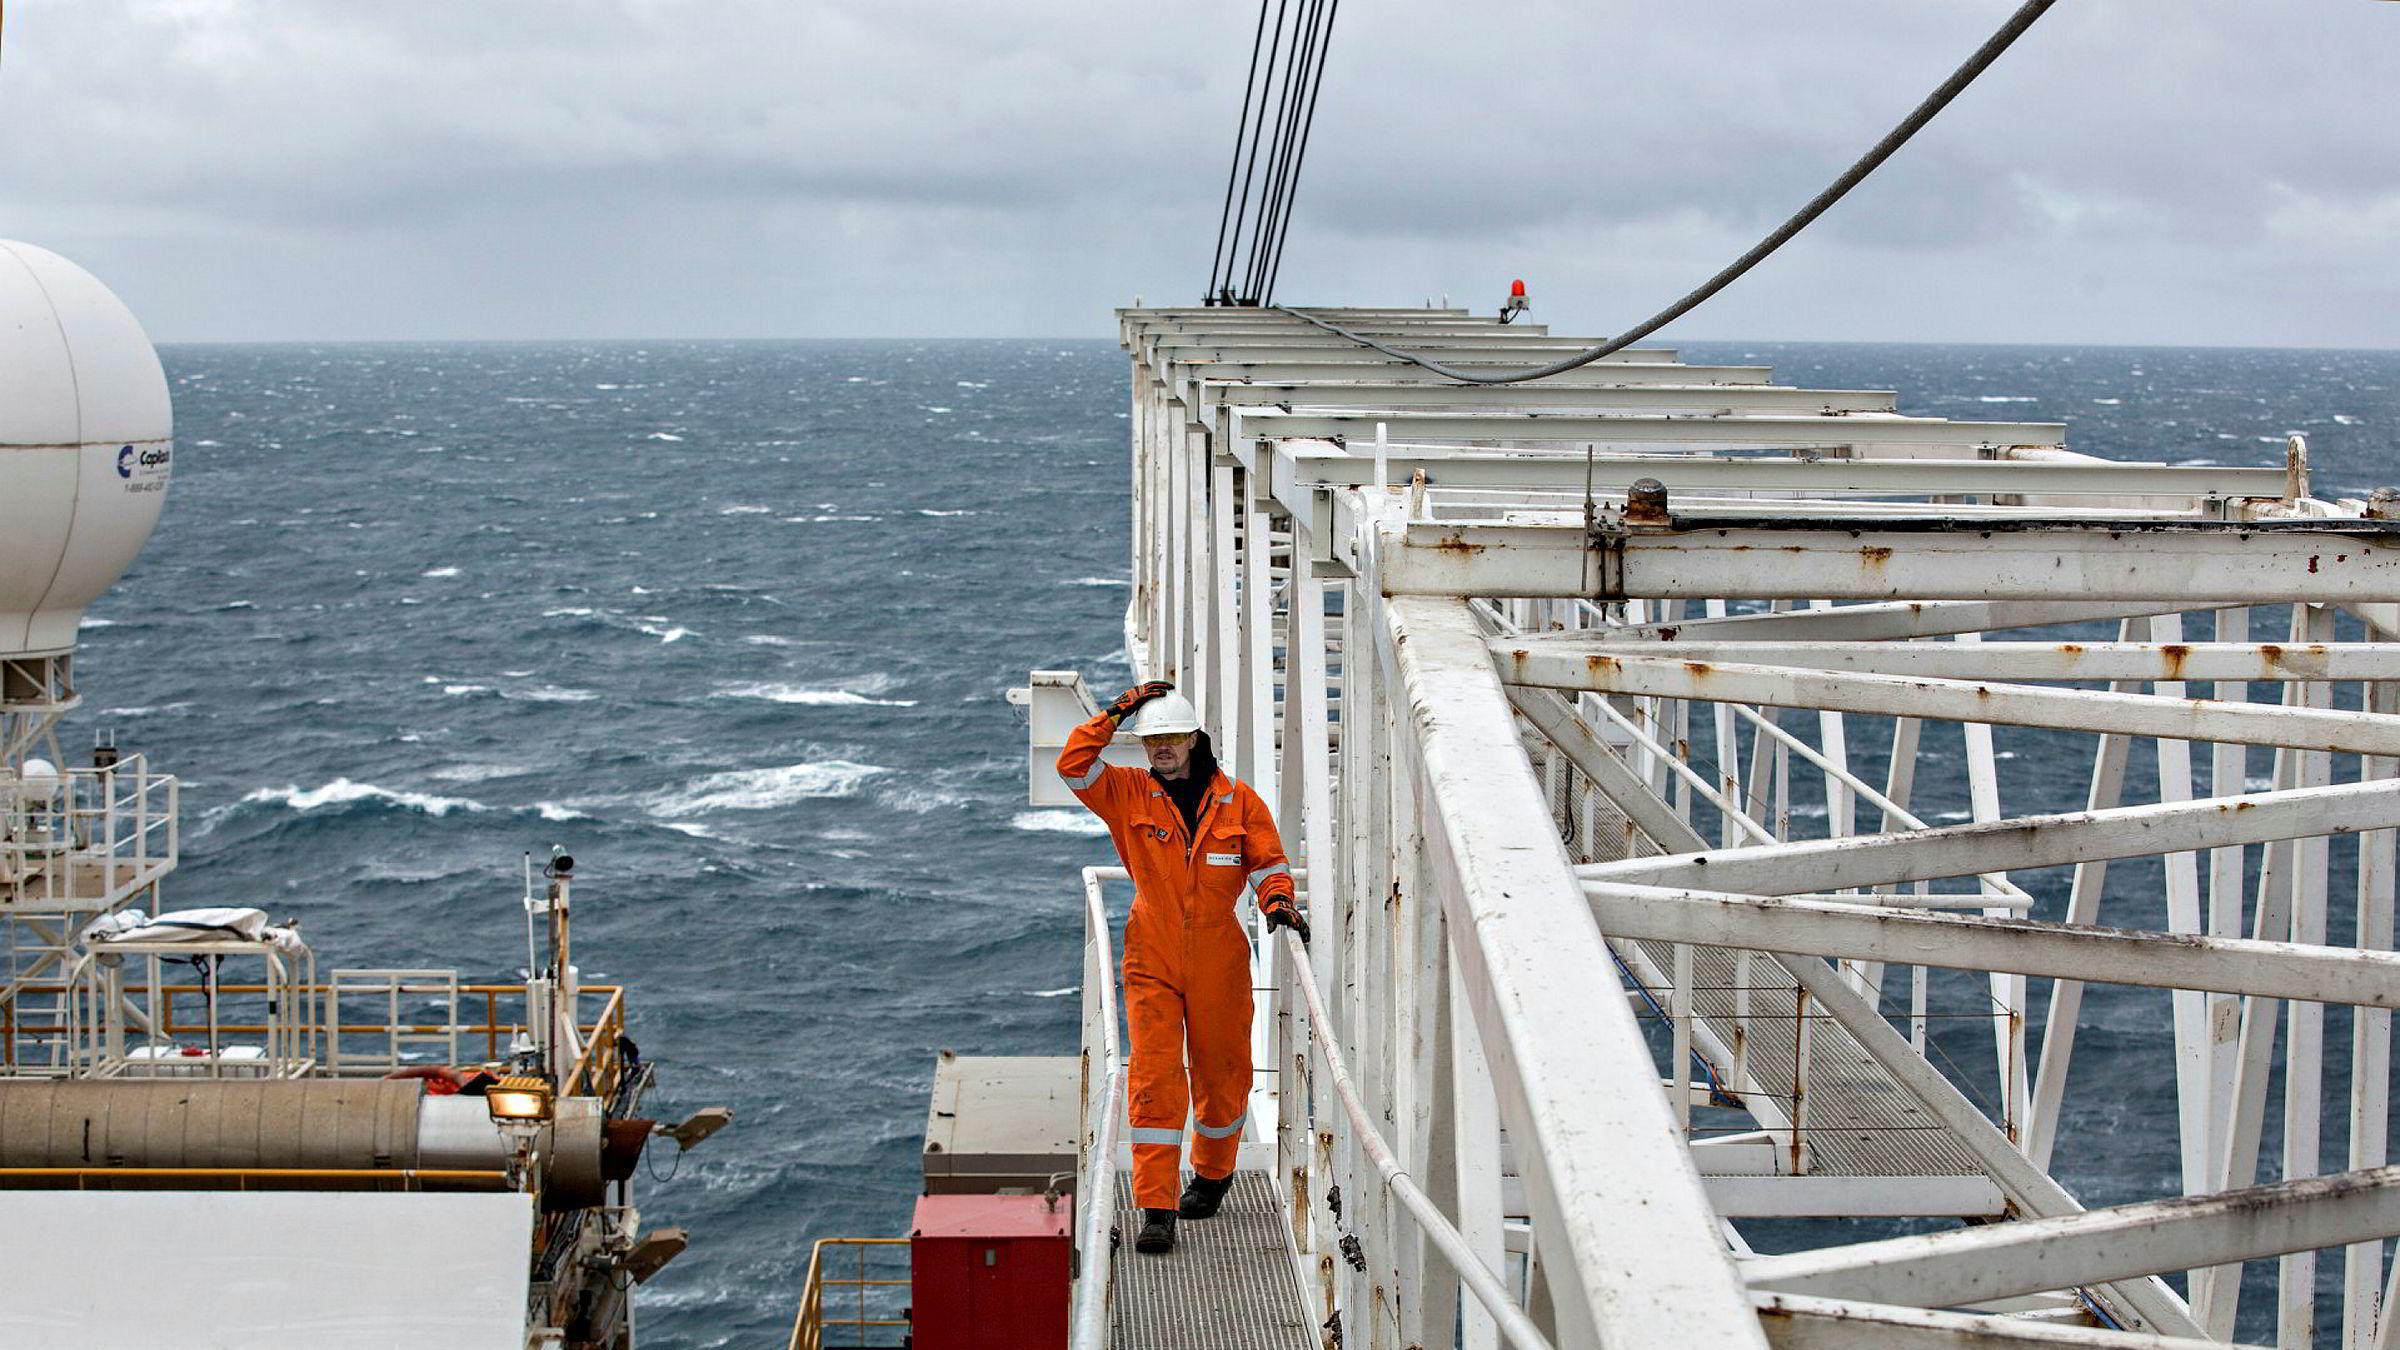 Forvaltningsplanen for Barentshavet revideres. Forskerne fra instituttet Norce presiserer at de ikke fremholder at Norsk Polarinistutt er blitt instruert i denne prosessen. Riggen Leiv Eiriksson driver her avgrensningsboring for Lundin på Altafunnet i Barentshavet i 2016.